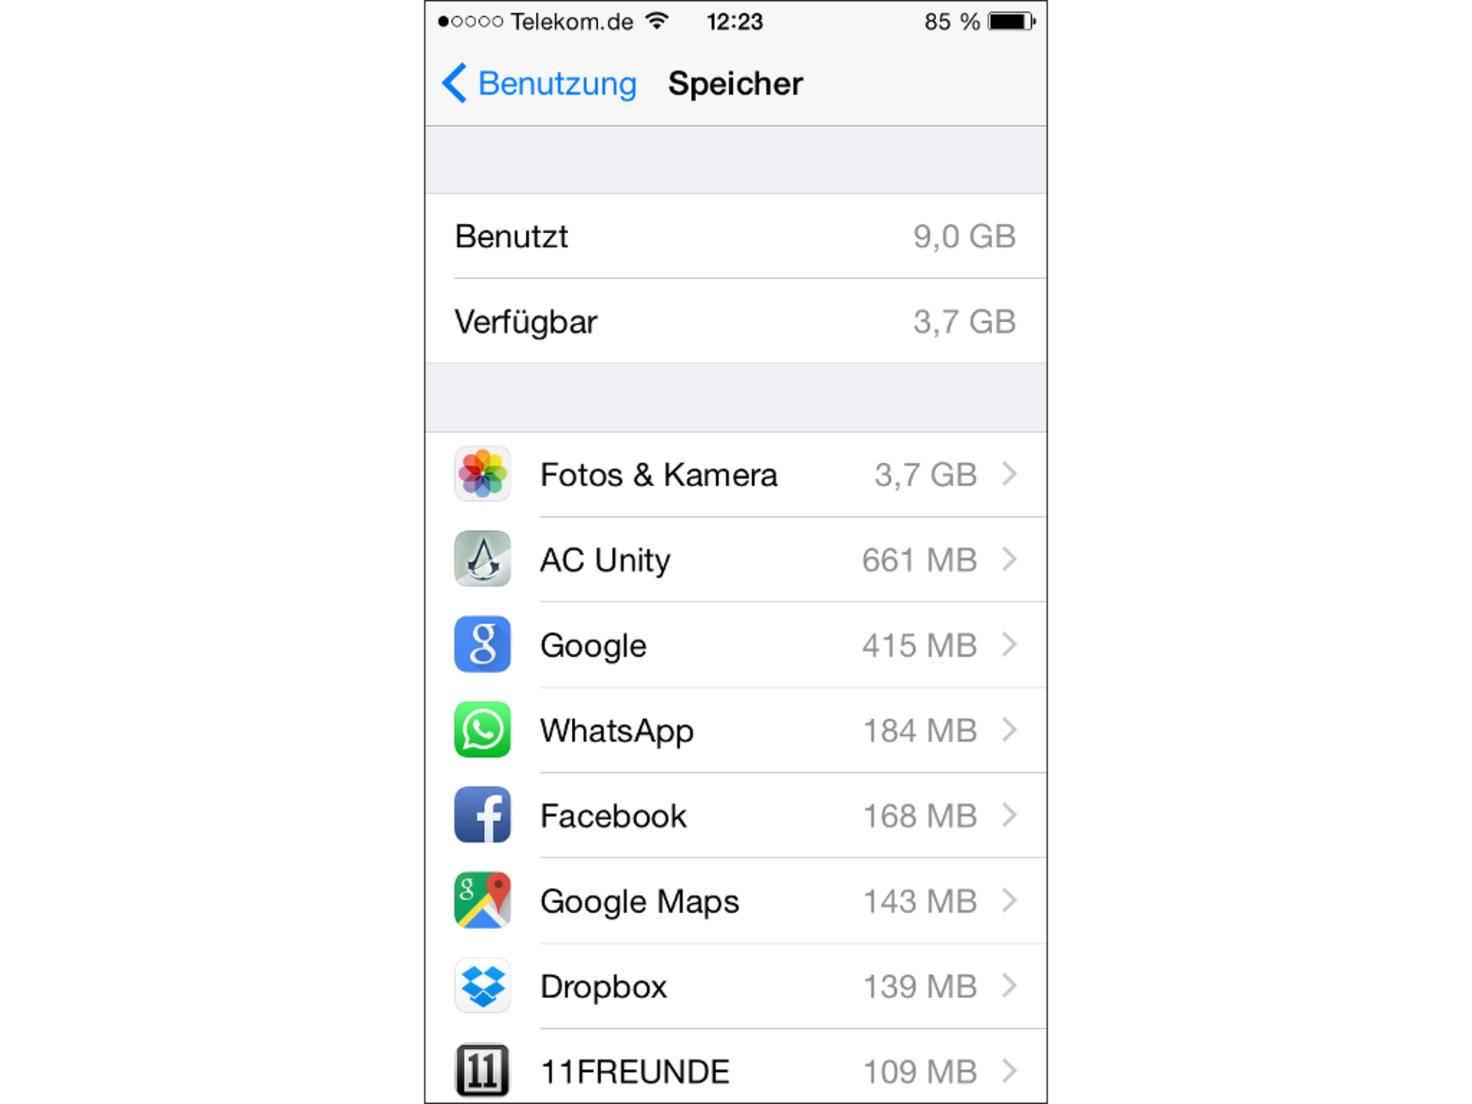 Eine Übersicht über alle Apps findet sich in den Speicher-Einstellungen von iOS 8.